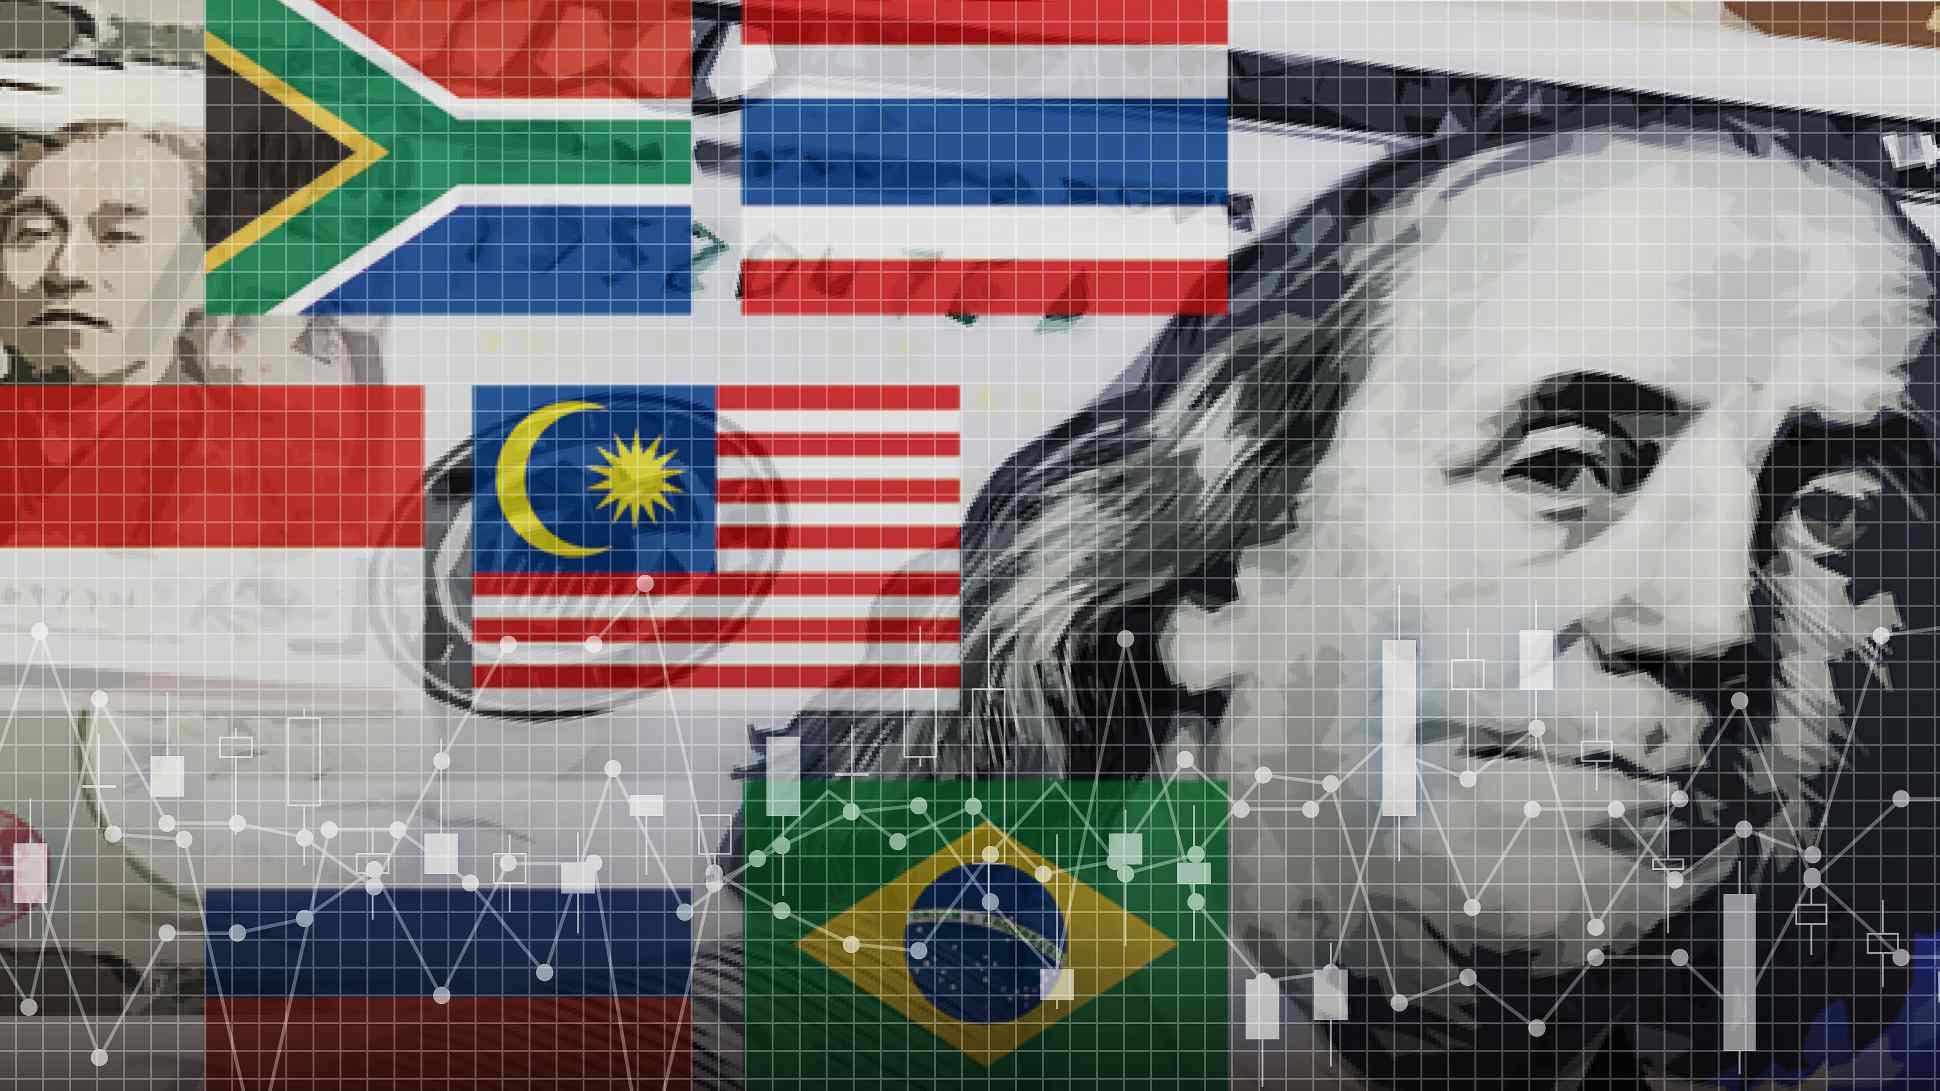 136 quốc gia đồng thuận áp thuế thu nhập doanh nghiệp tối thiểu toàn cầu